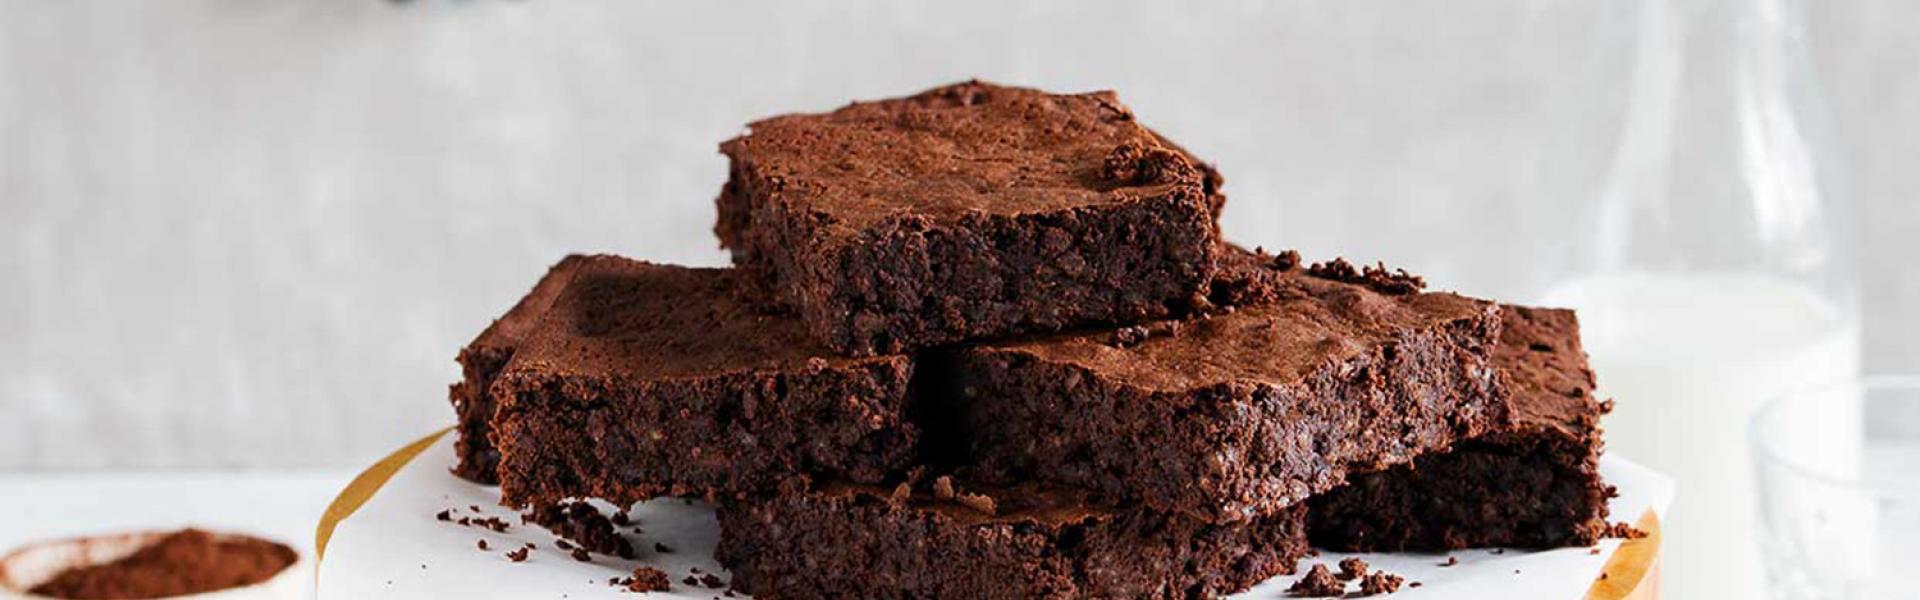 Mehrere Milchreis-Brownies sind auf einer Etagere gestapelt.